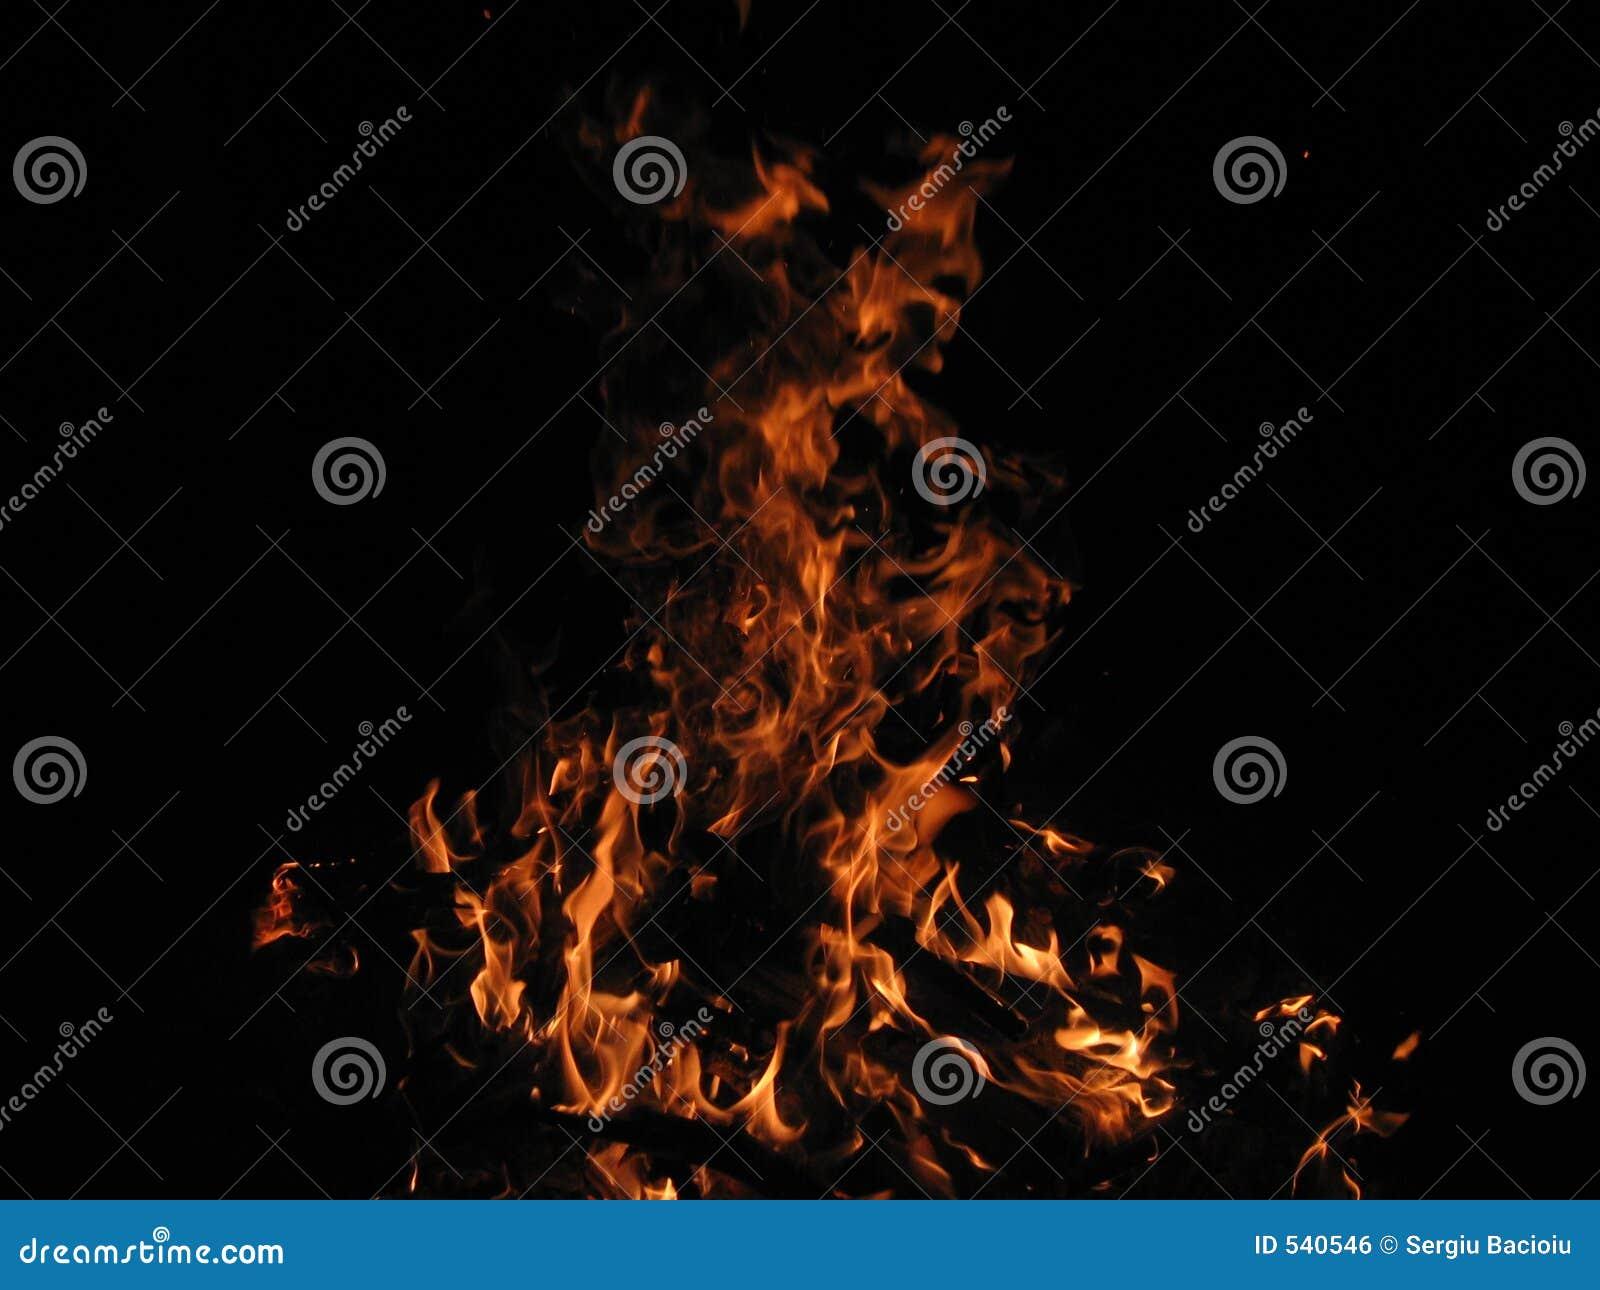 Download 火 库存照片. 图片 包括有 抽象, 能源, 火焰, 烧伤, 木头, 次幂, 开放 - 540546